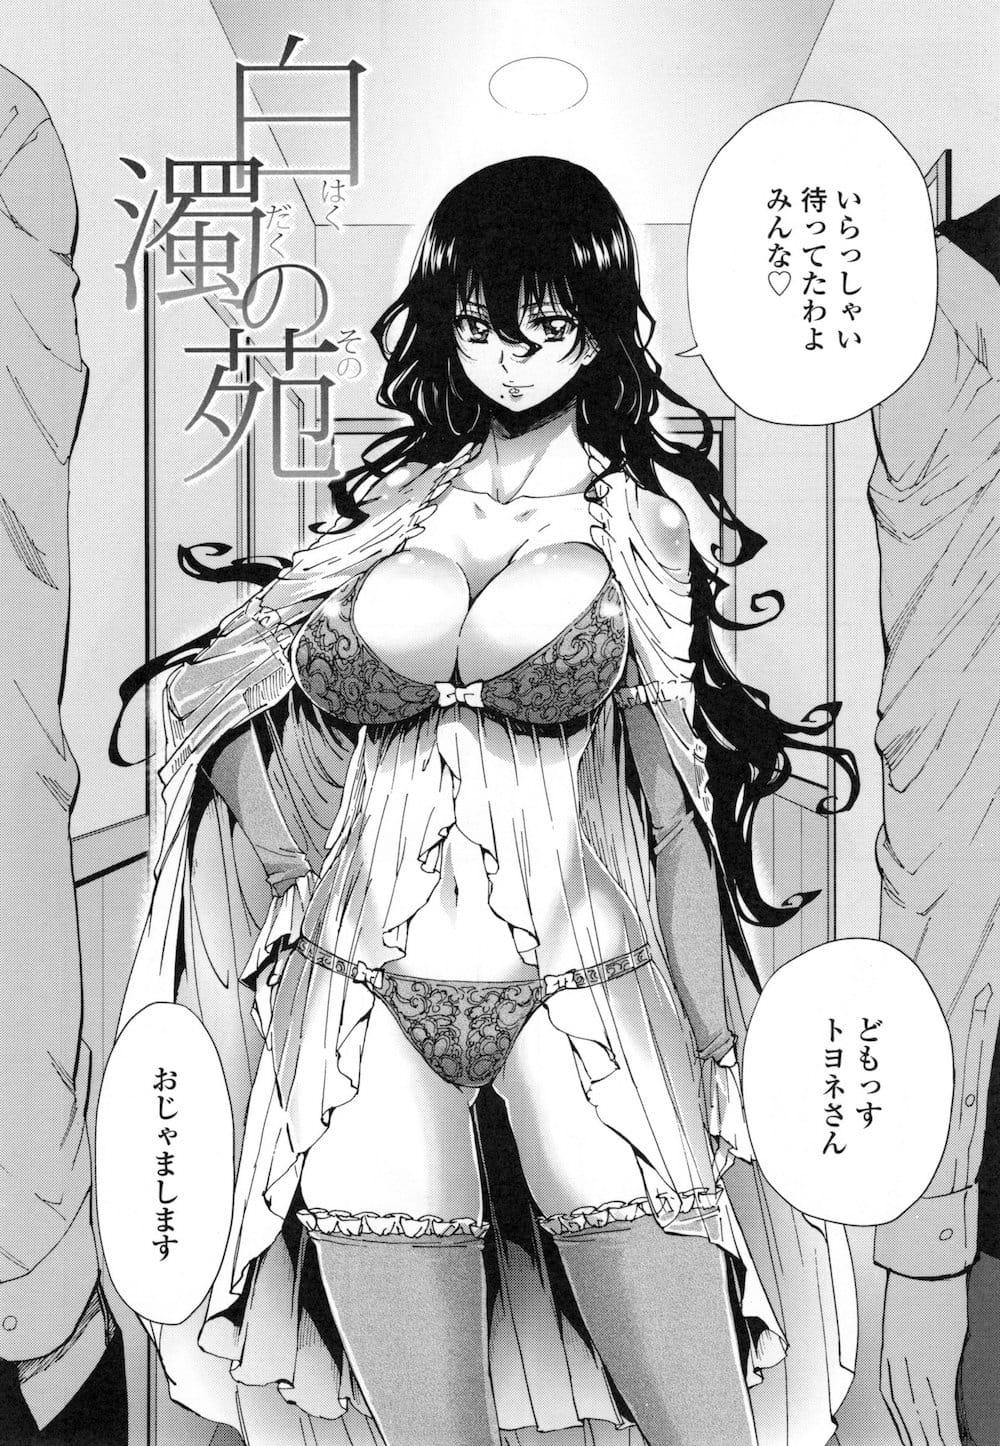 manga_00007